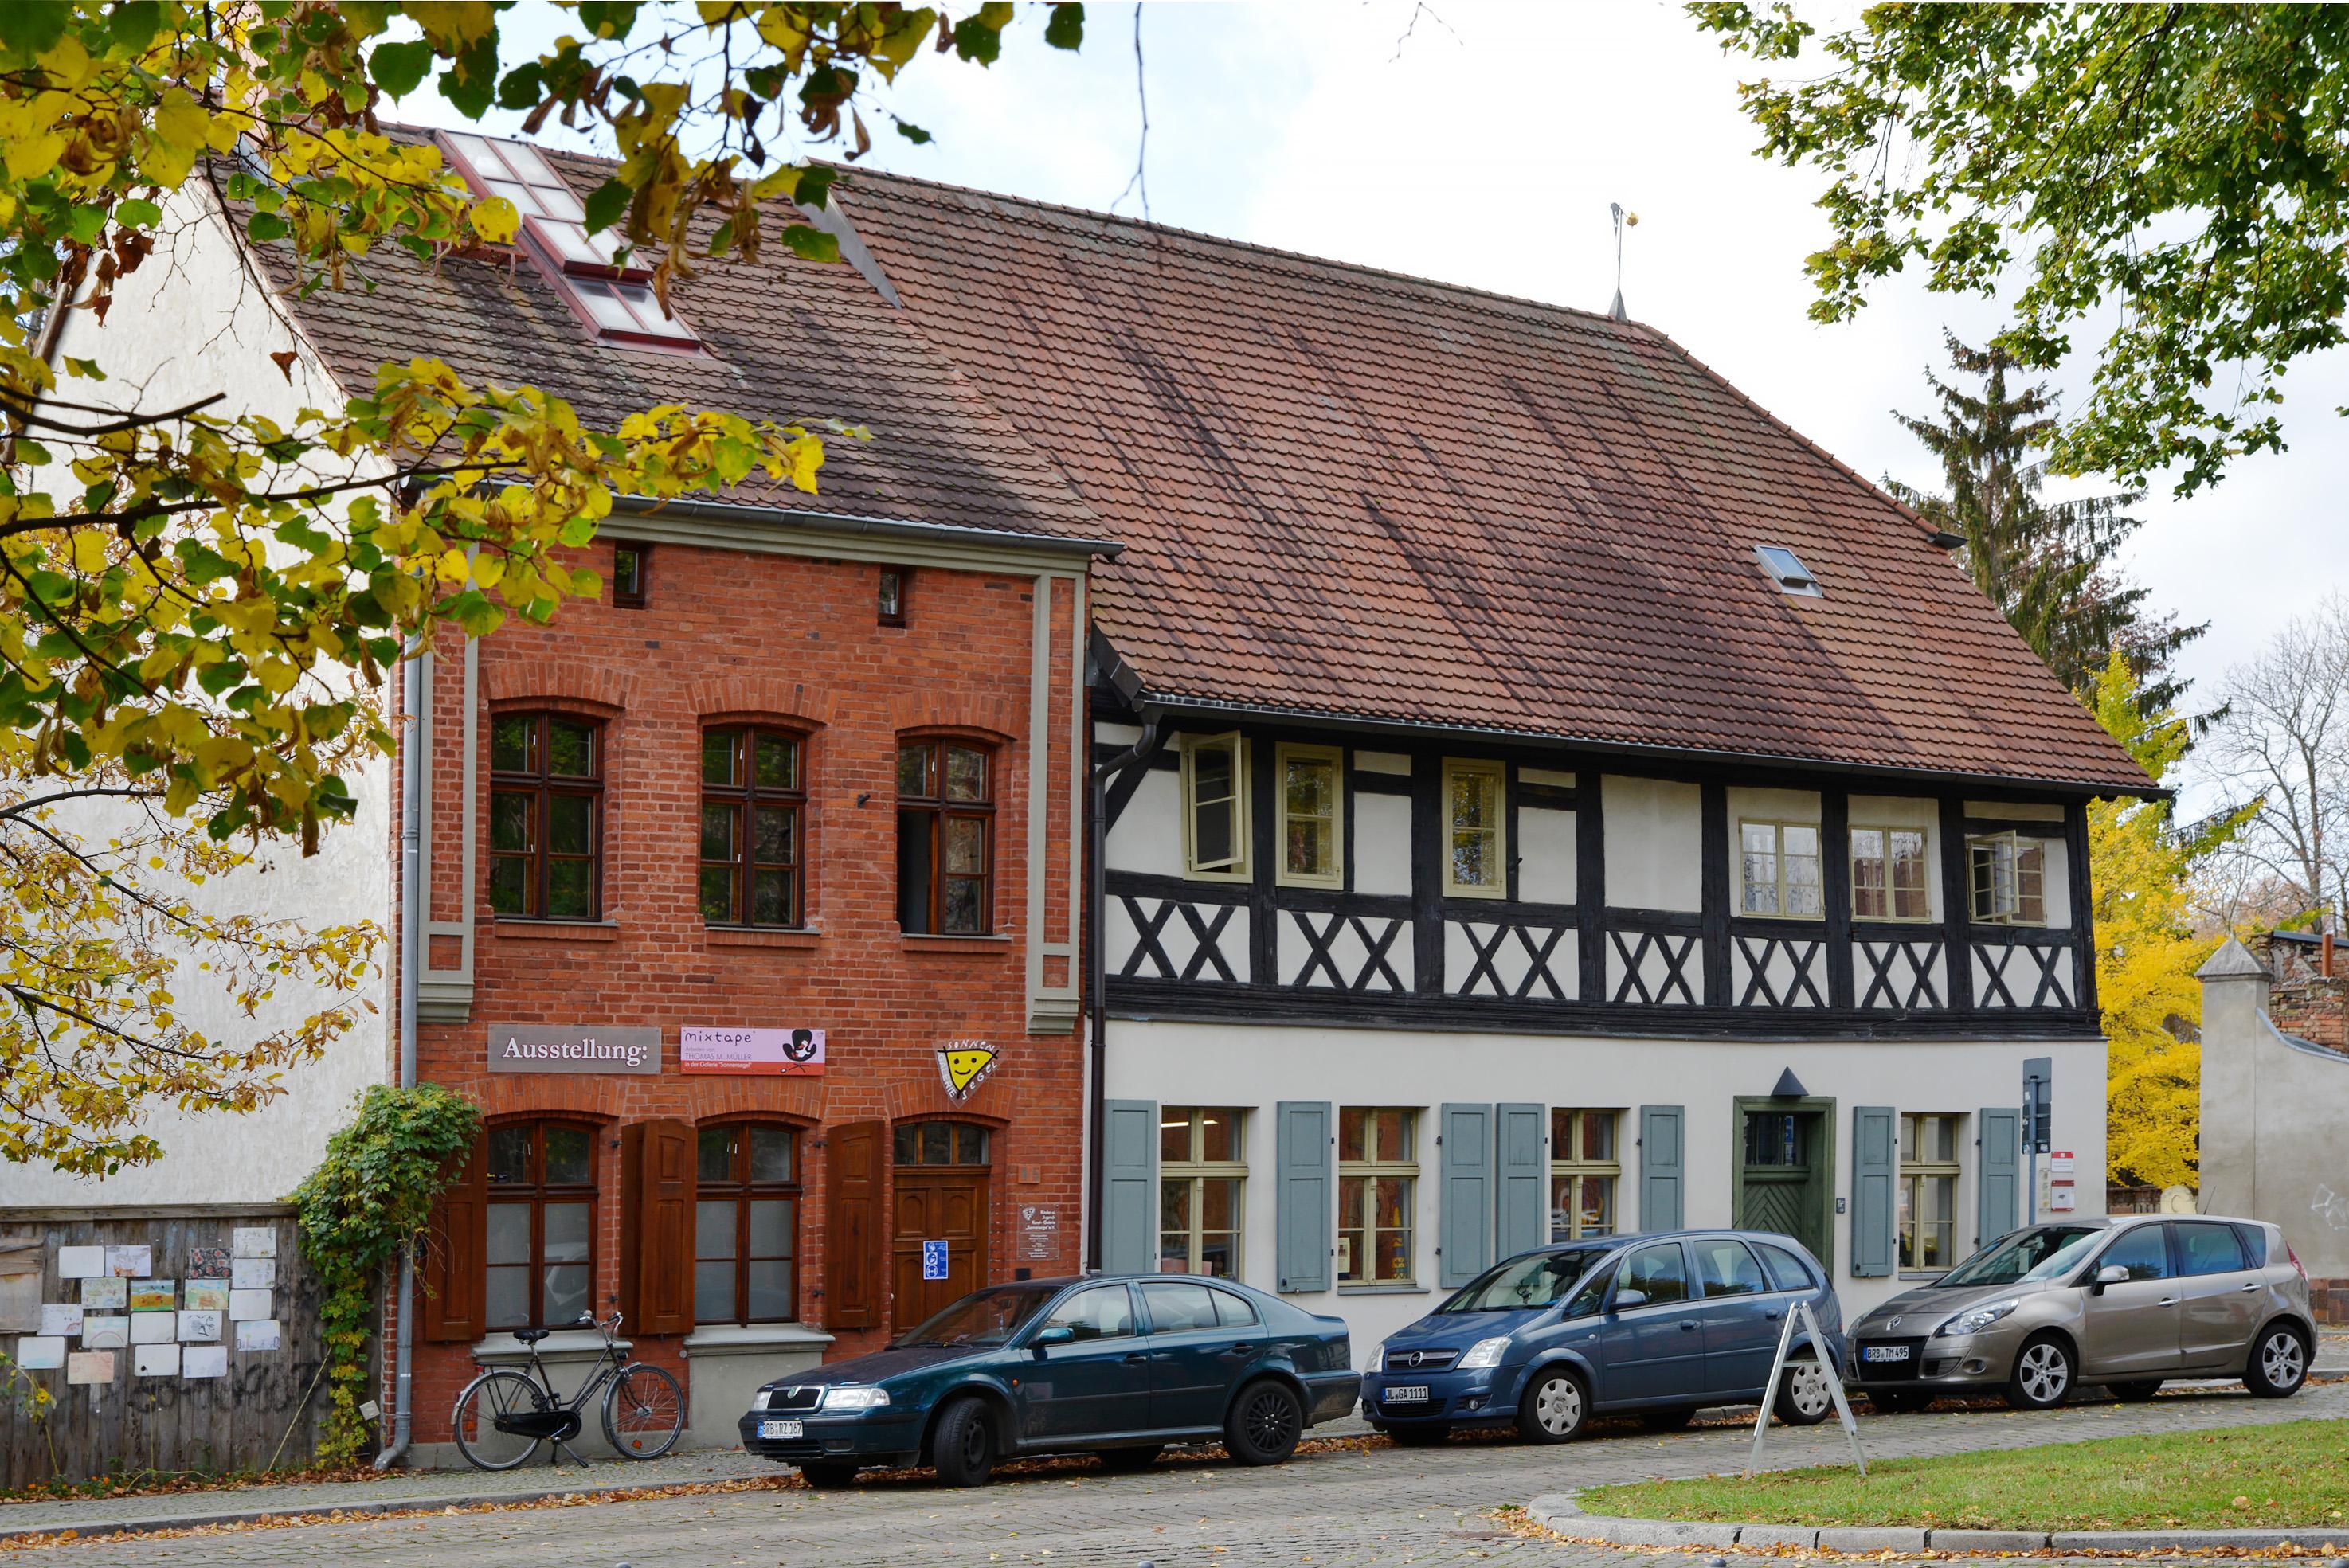 Gebäude der Ausstellung der Kunstschule Sonnensegel